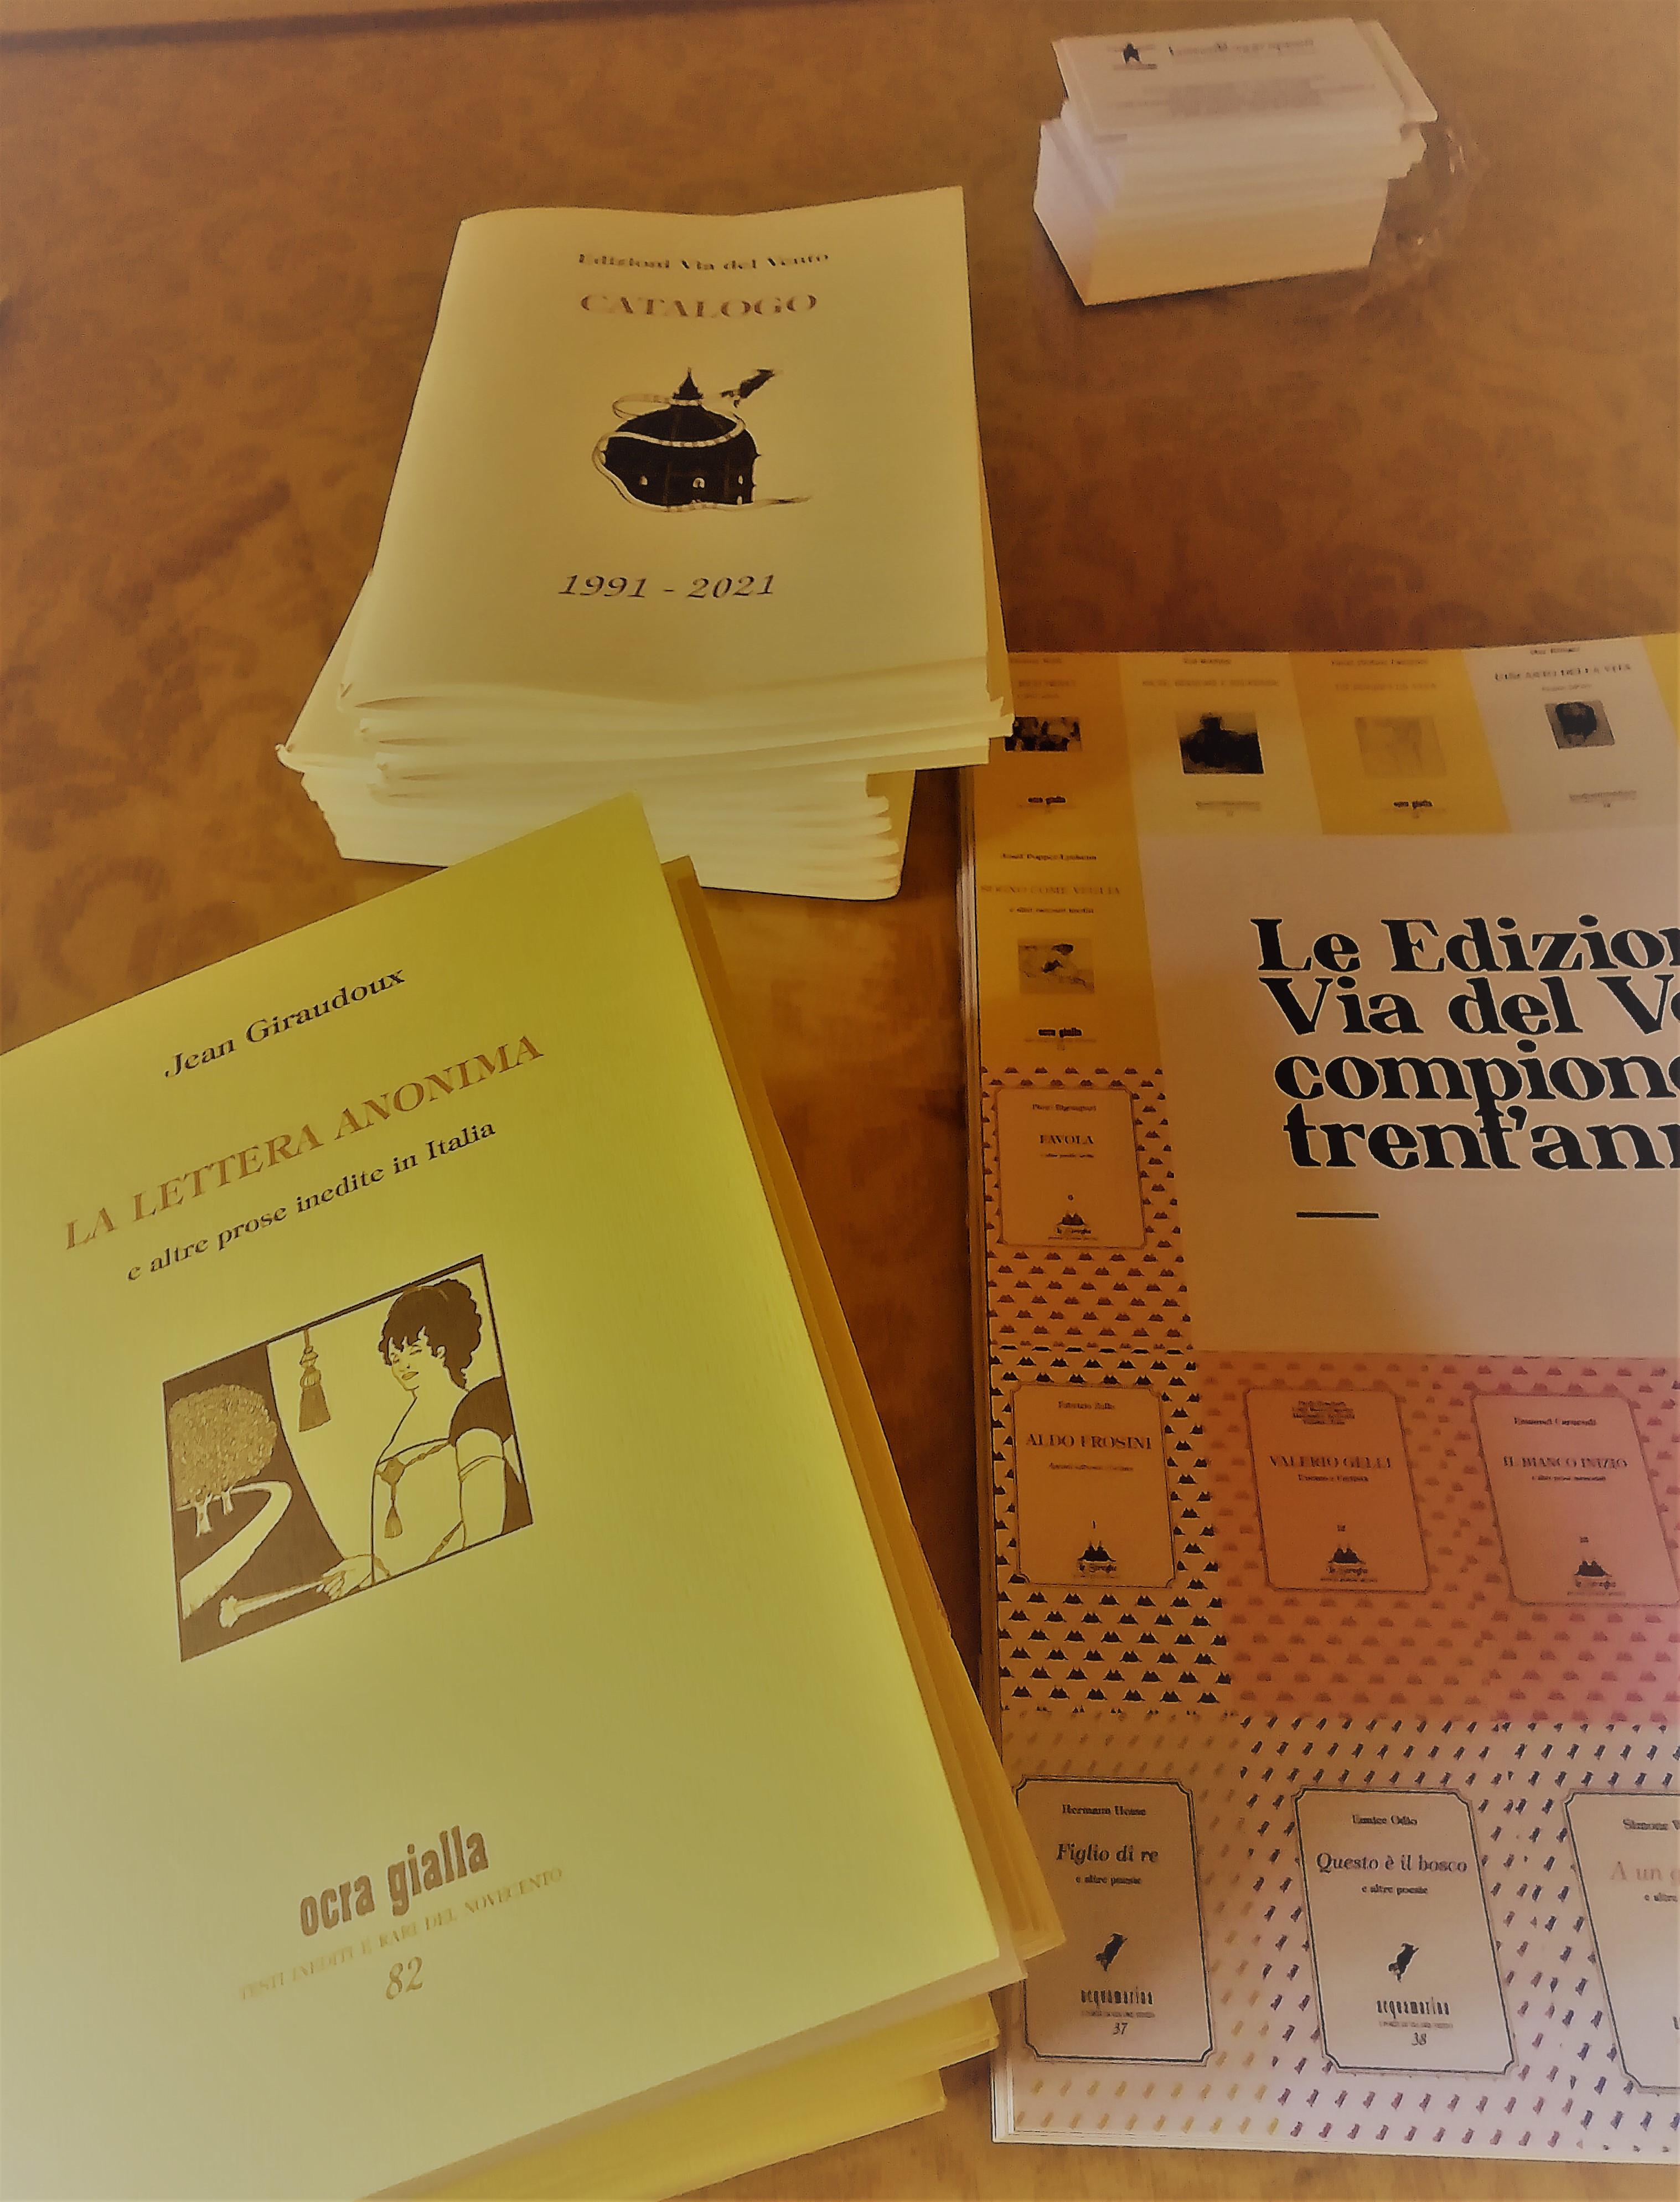 Nuova pubblicazione e catalogo per le Edizioni Via del Vento